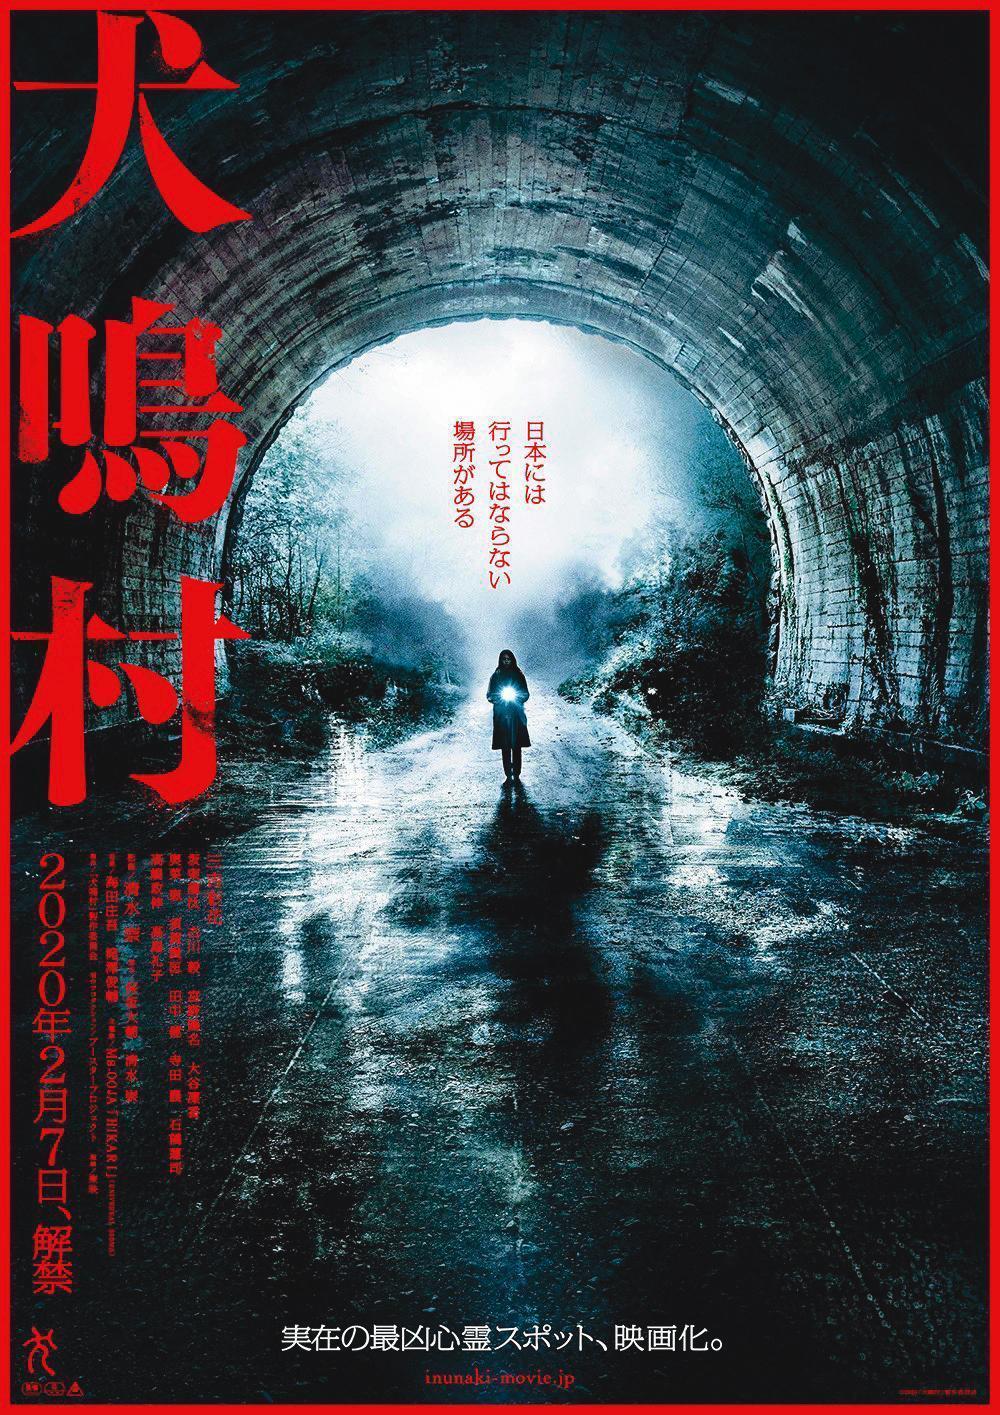 《犬鸣村》电影海报。